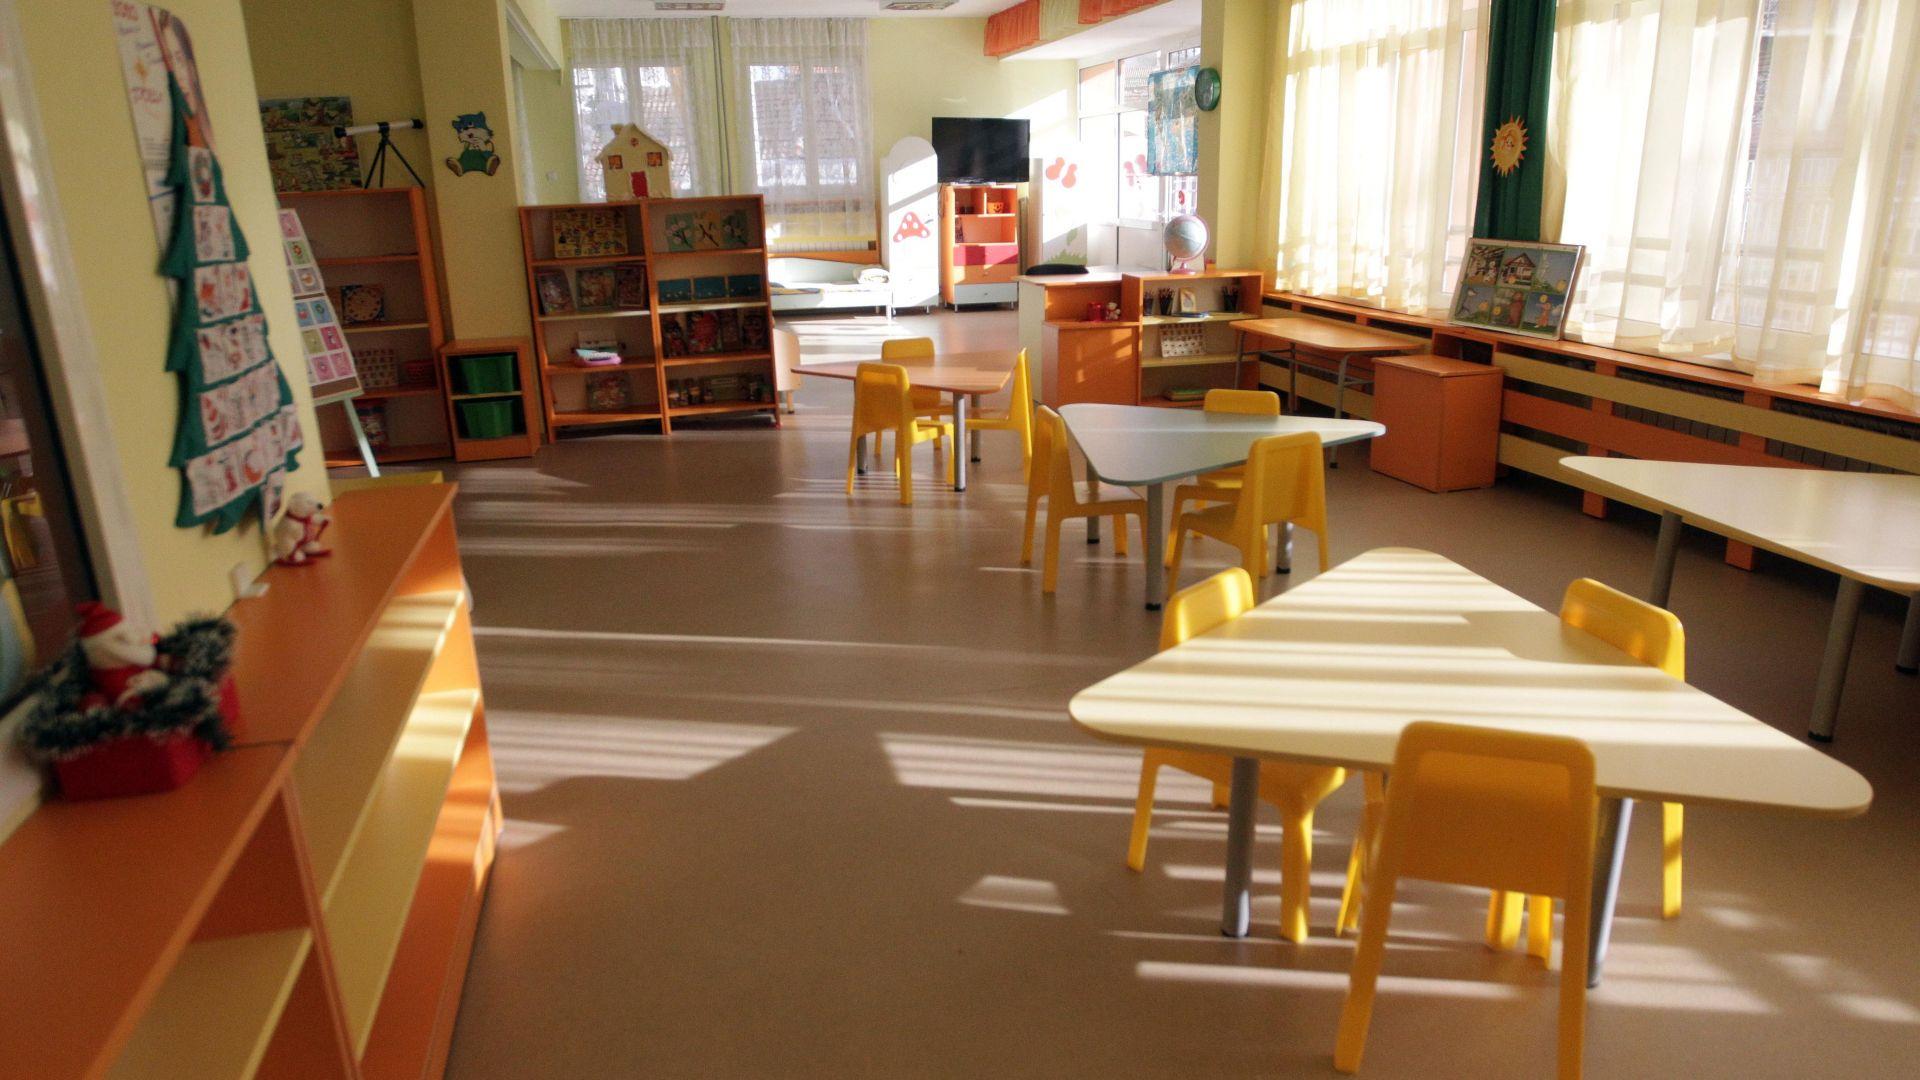 """Грешки при """"уседналост"""" отлагат класирането в детските заведения в София"""